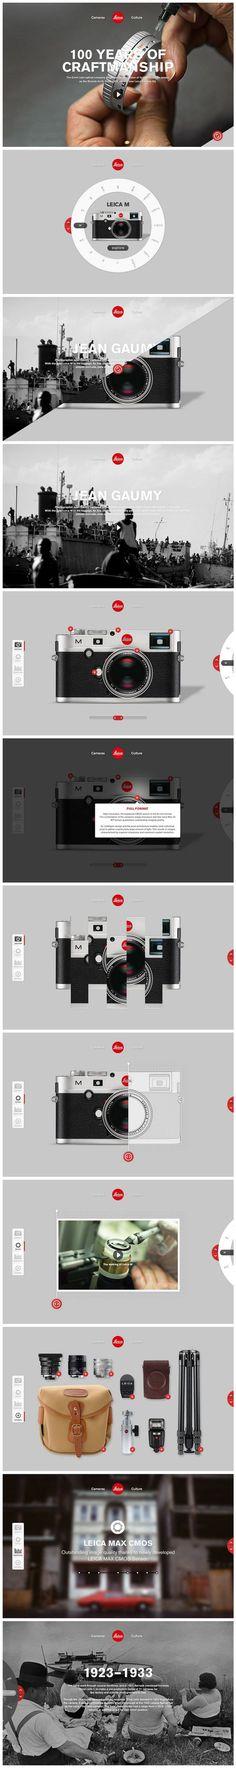 Leica #website #digital #leica #camera